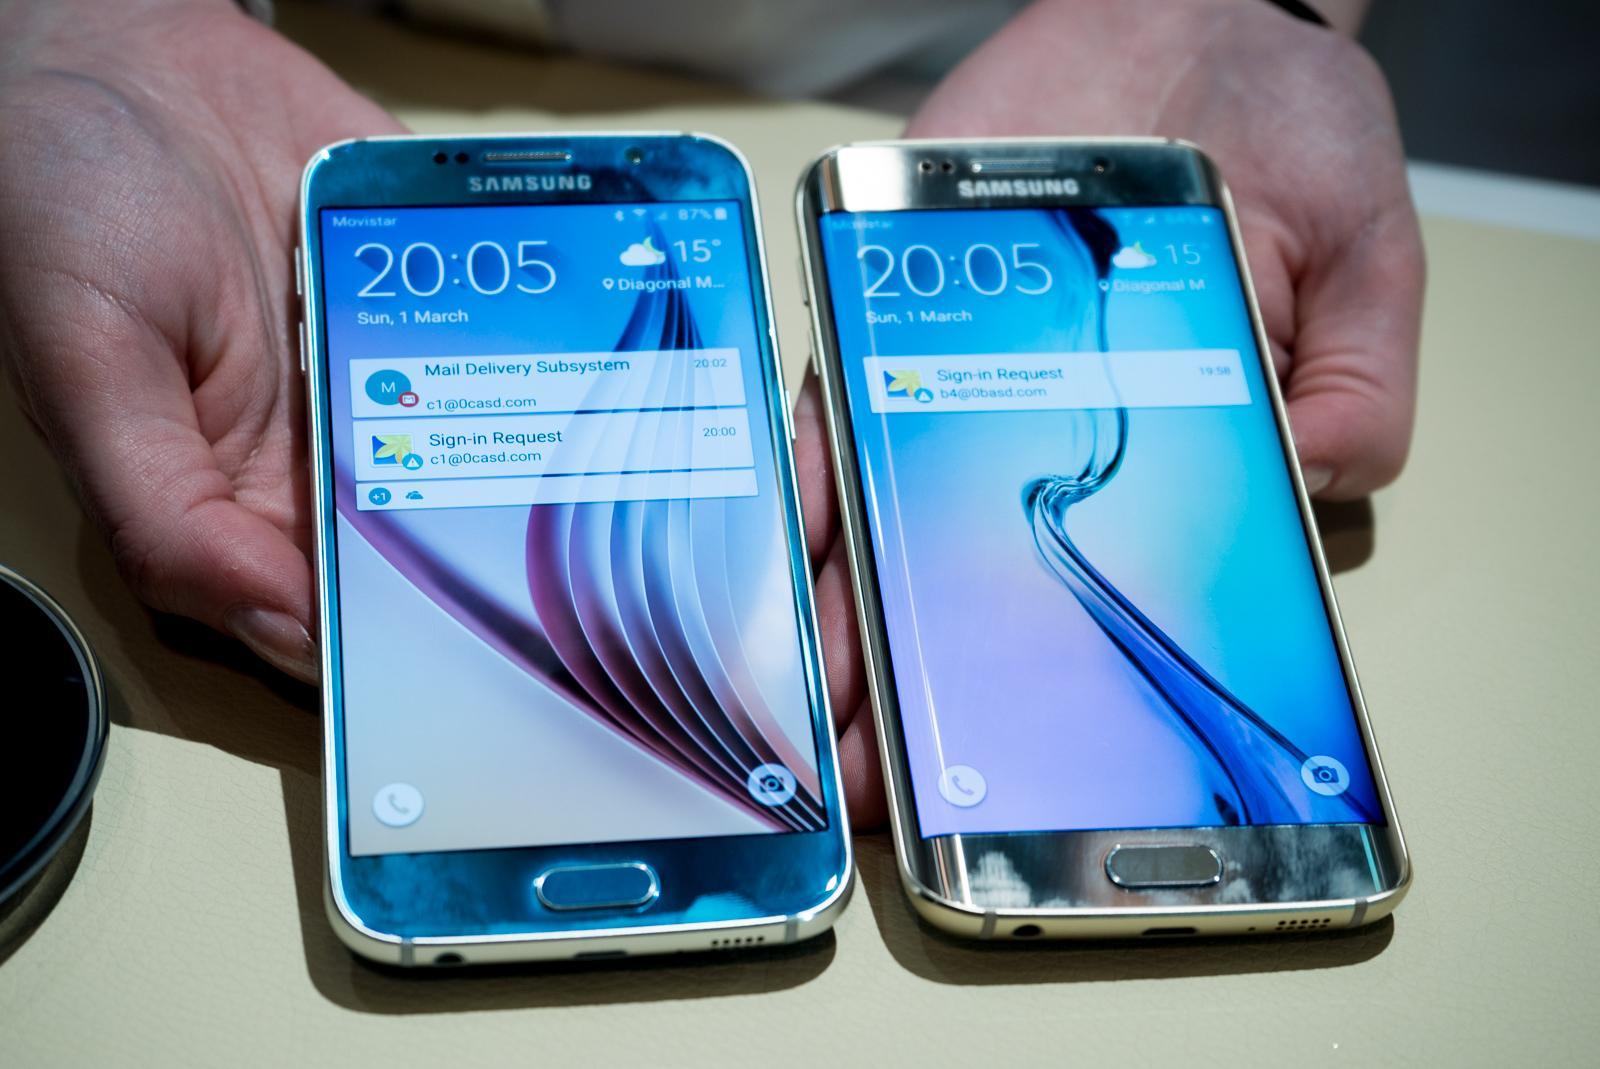 Samsung представила Galaxy S6 и Galaxy S6 Edge: Предварительный обзор новых флагманов